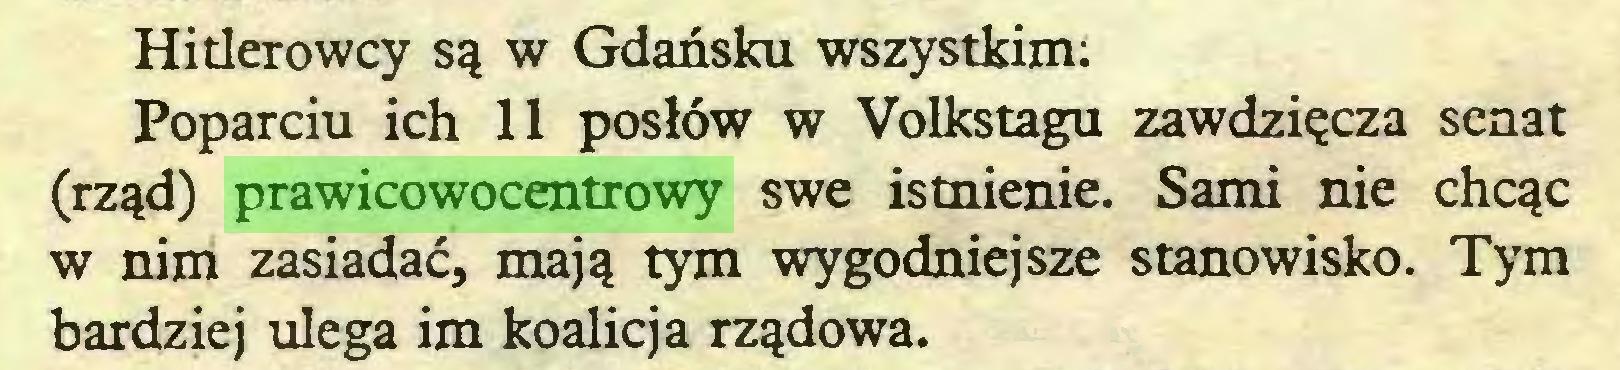 (...) Hitlerowcy są w Gdańsku wszystkim: Poparciu ich 11 posłów w Volkstagu zawdzięcza senat (rząd) prawicowocentrowy swe istnienie. Sami nie chcąc w nim zasiadać, mają tym wygodniejsze stanowisko. Tym bardziej ulega im koalicja rządowa...